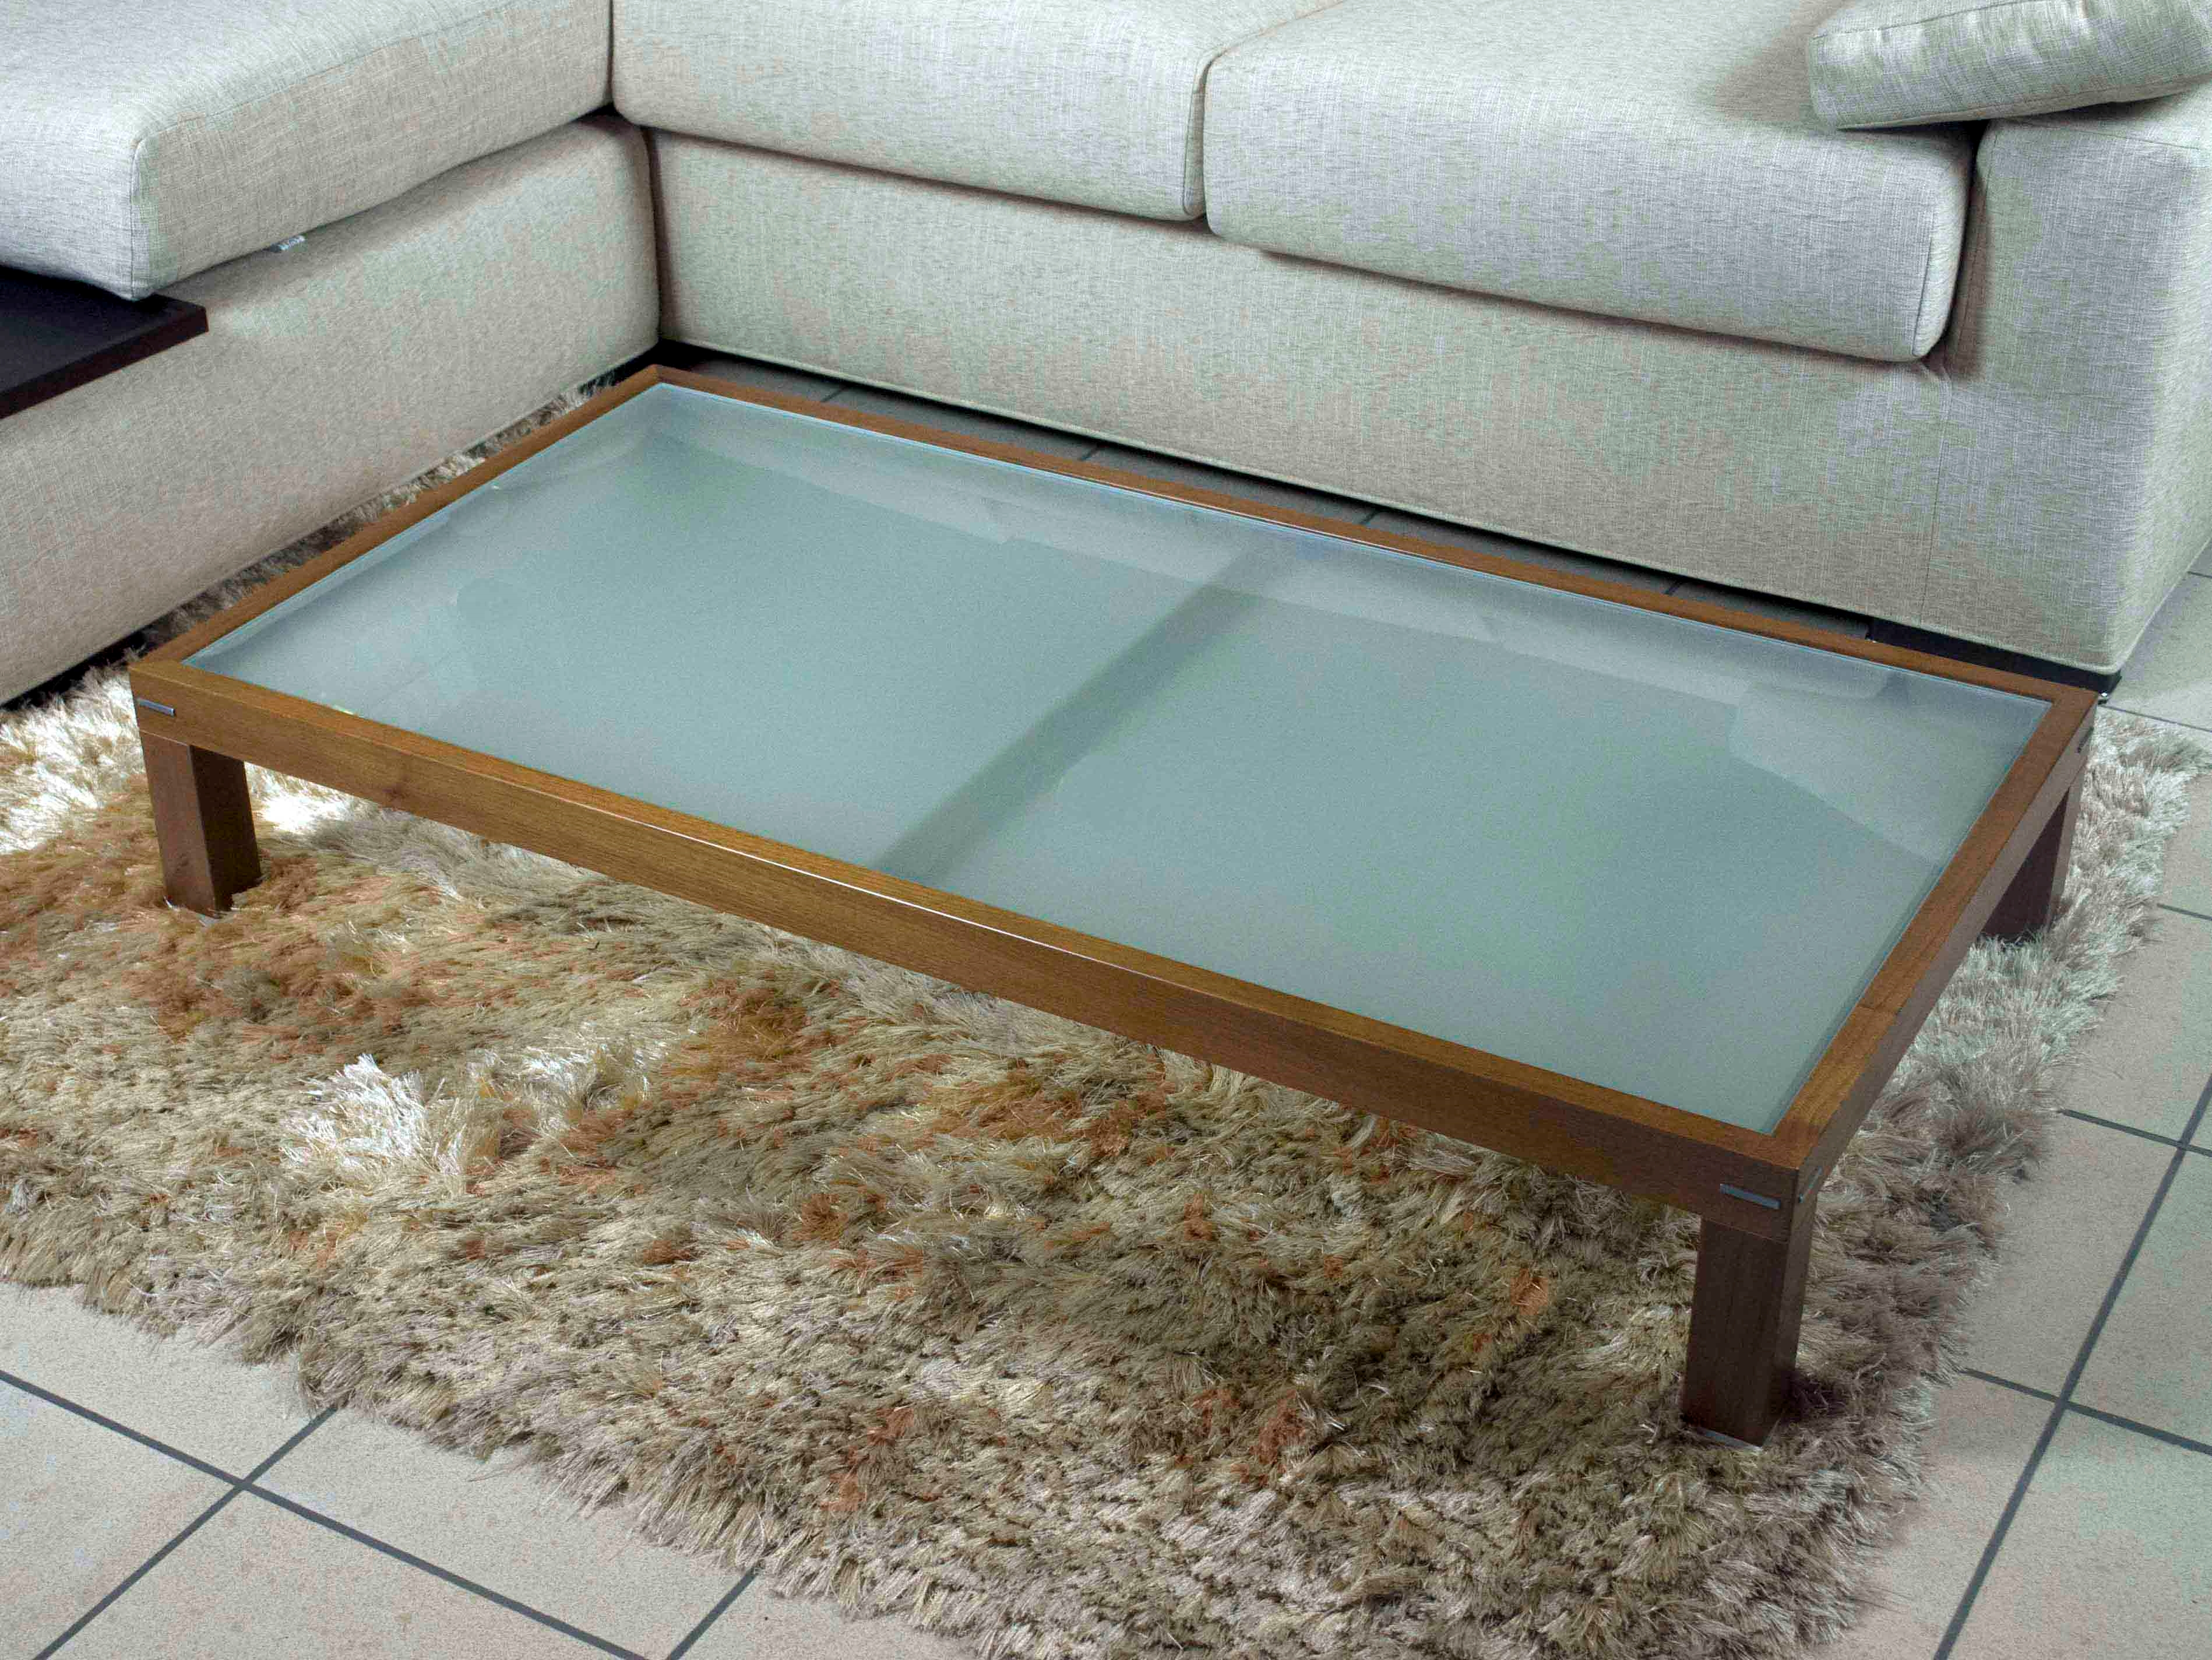 Tavolino da salotto Doimo in legno e vetro scontato - Complementi a ...